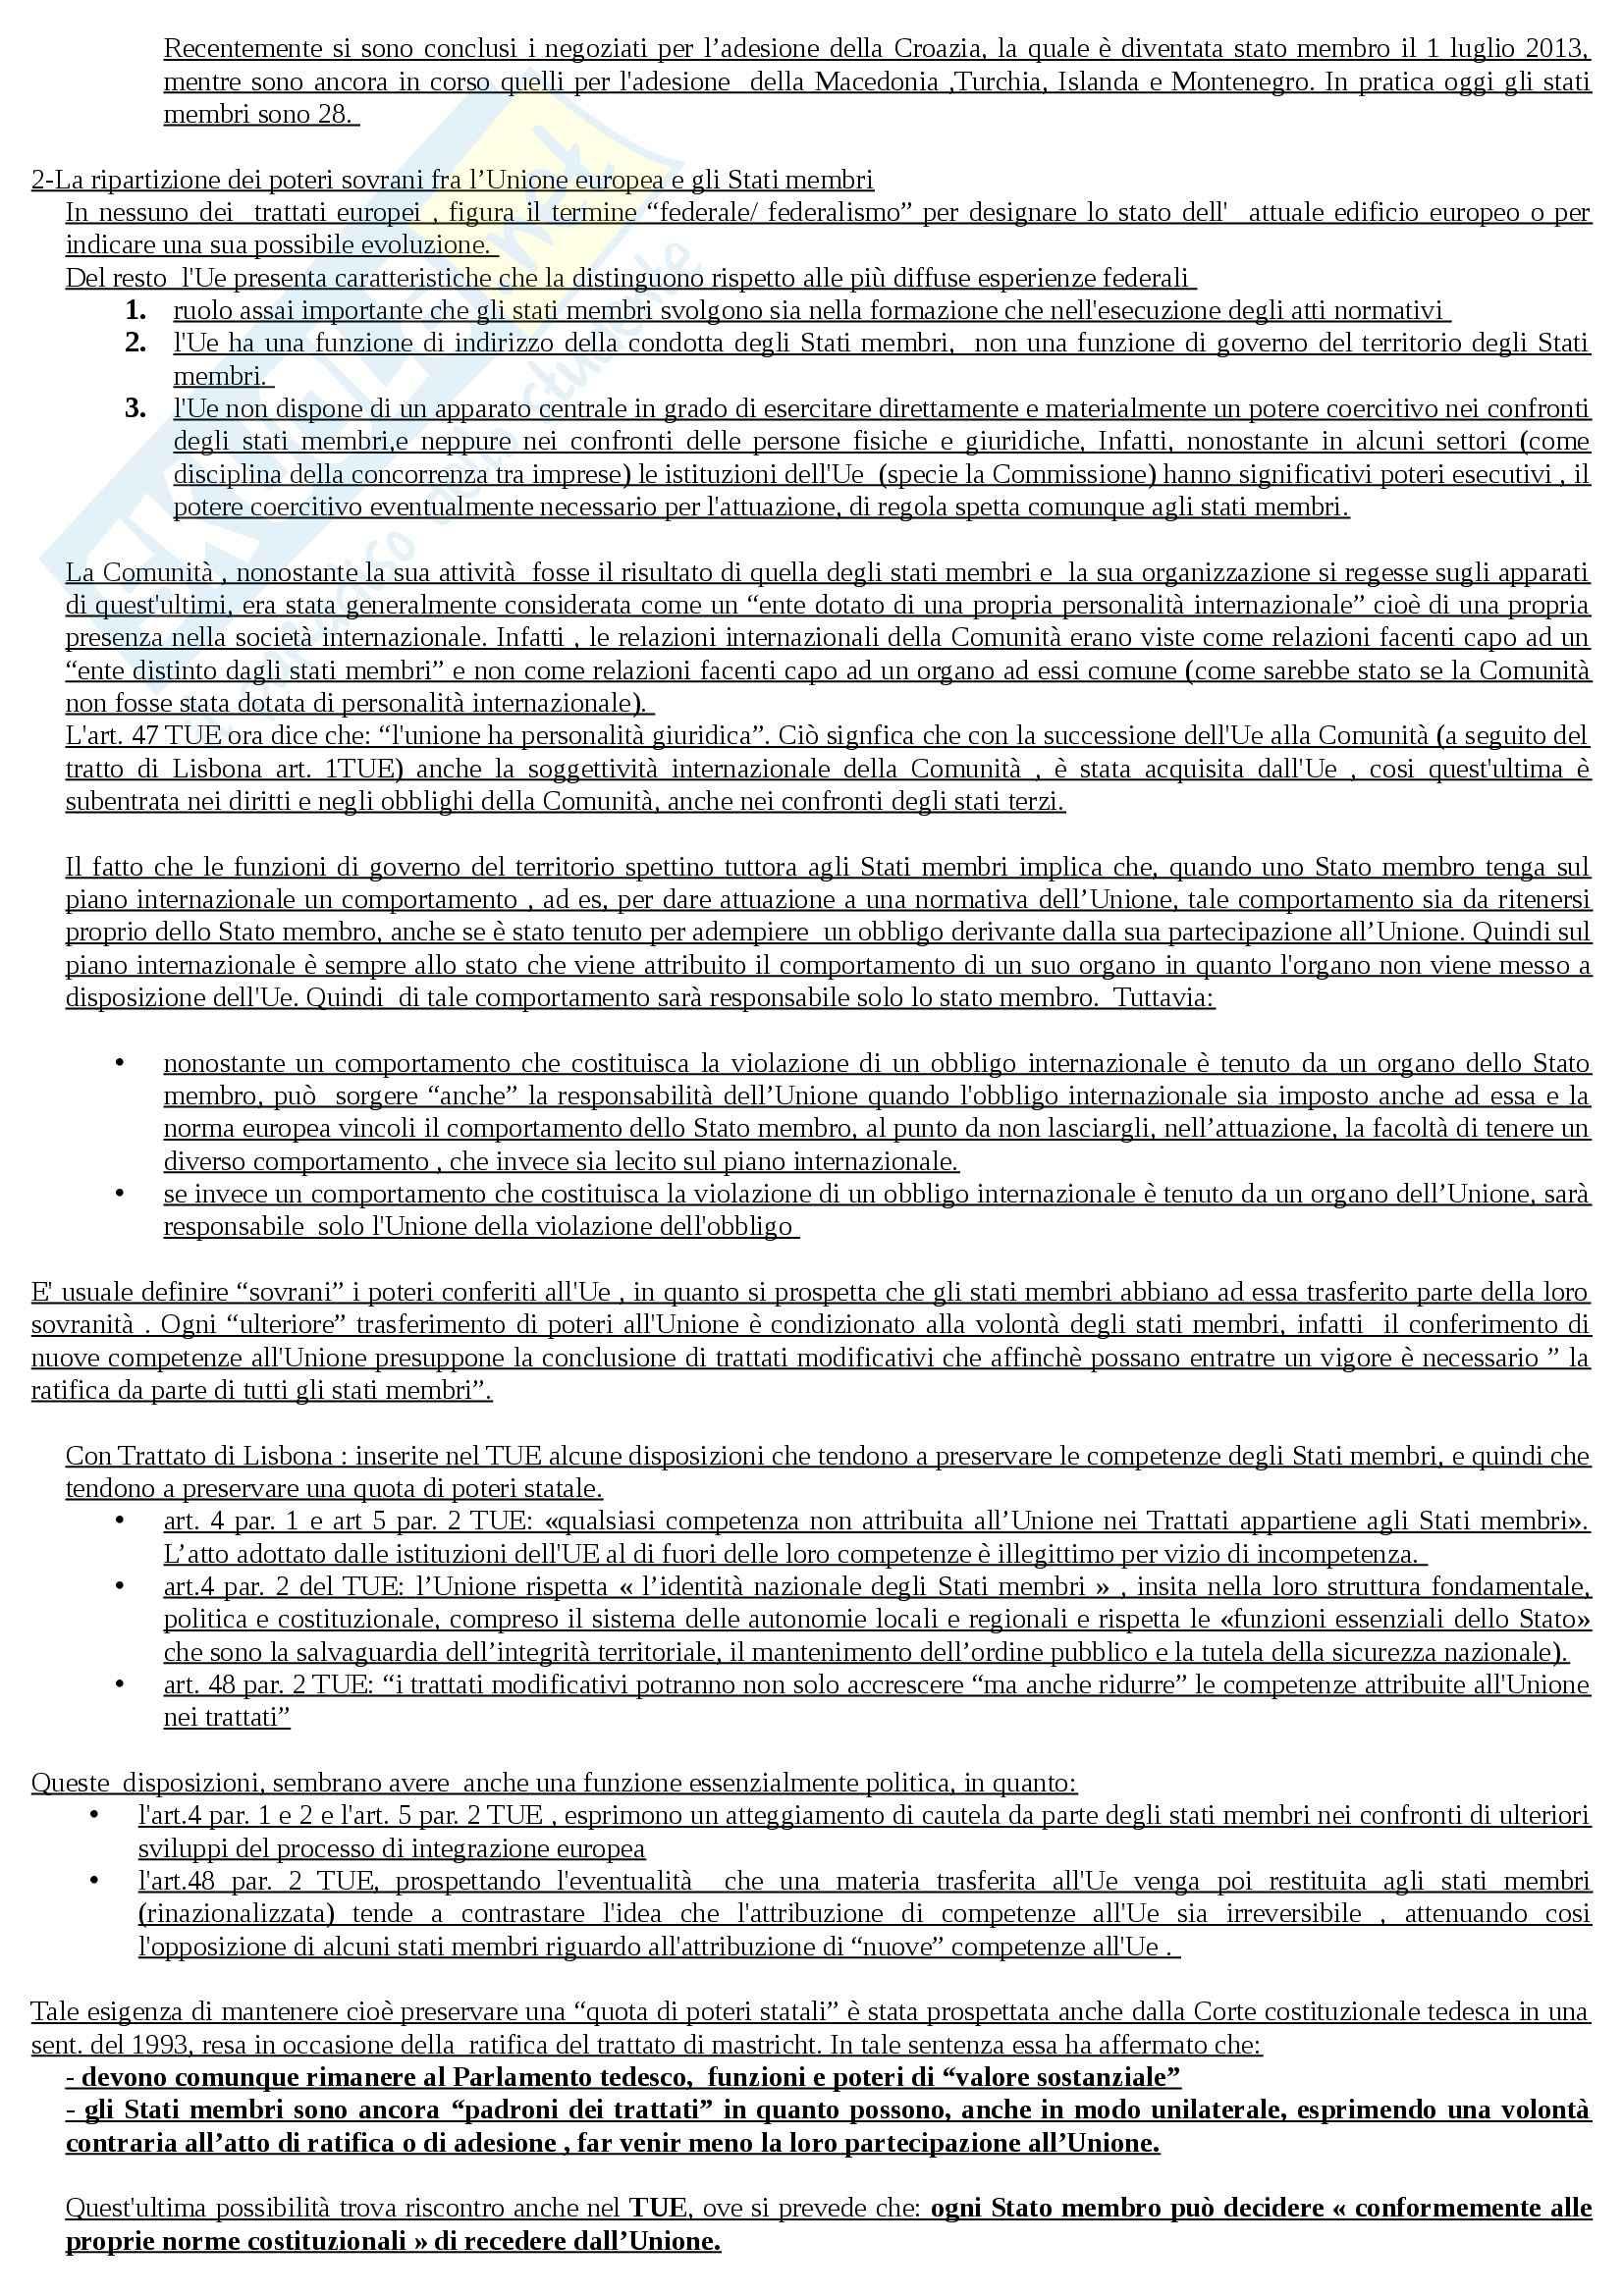 Riassunto esame Diritto dell'Unione Europea, prof. Adinolfi Pag. 2